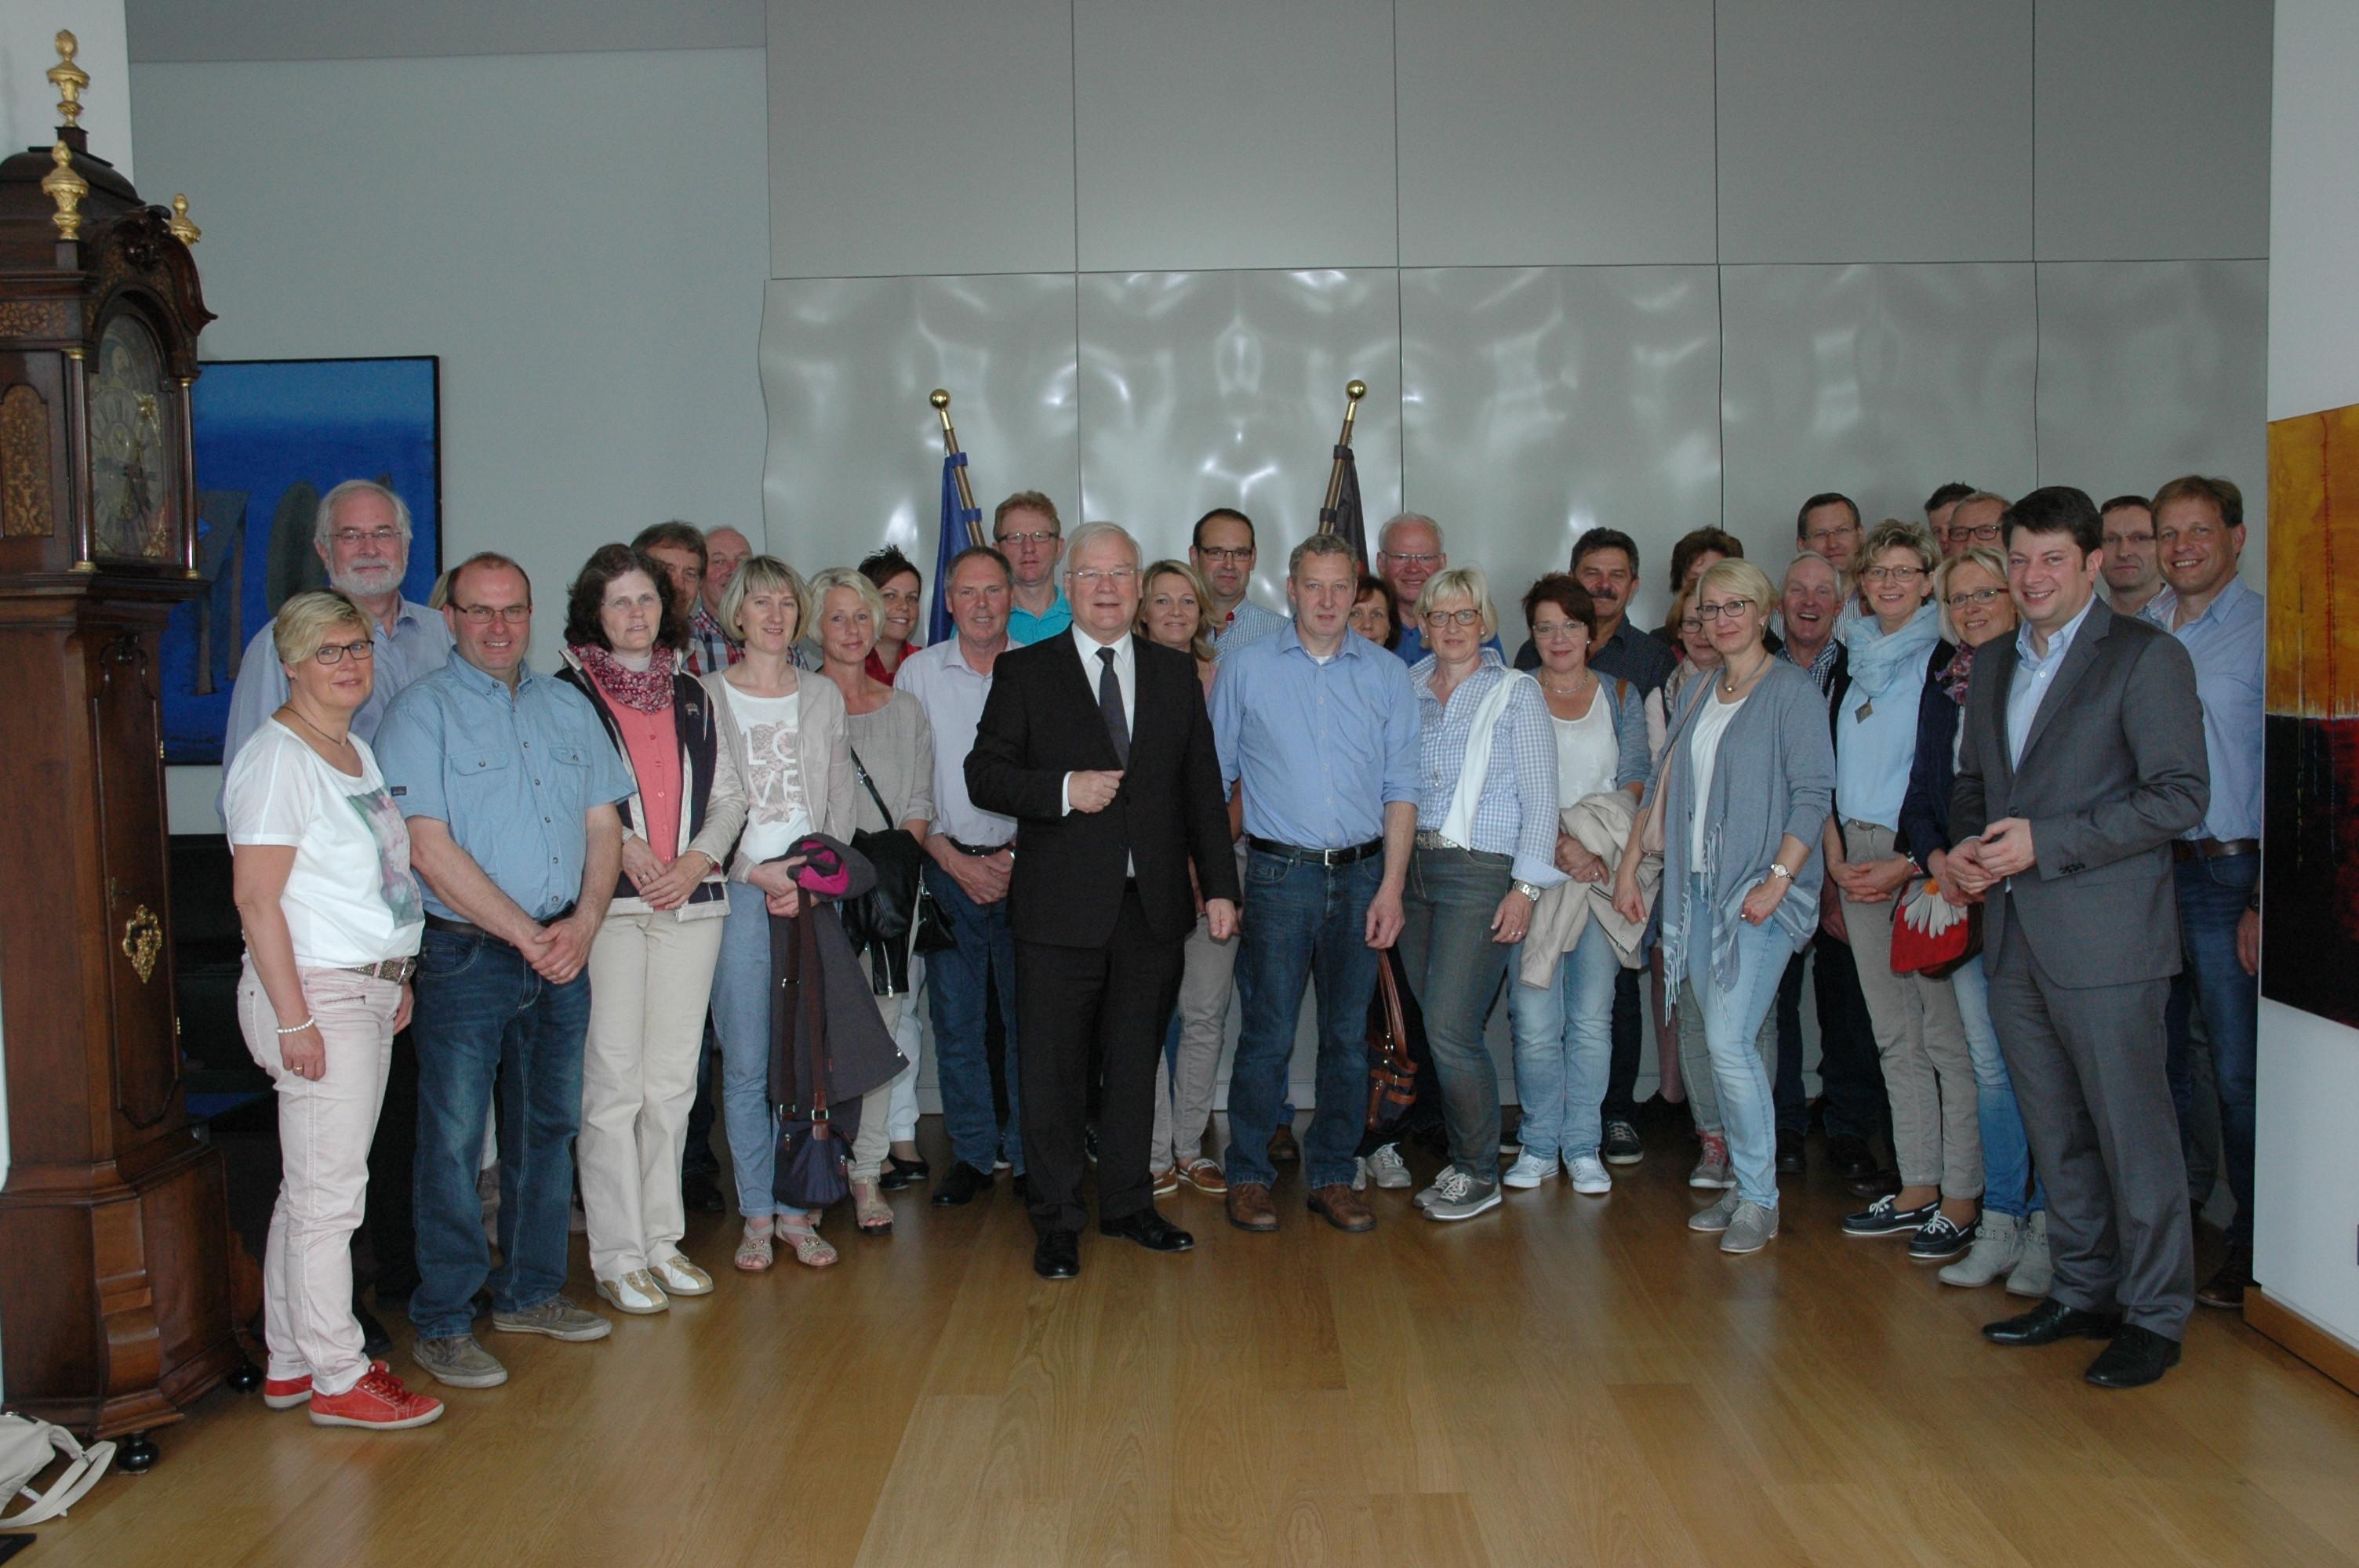 2015: Besuch von Aufsichtsrat und Geschäftsführung der VR-Bank.